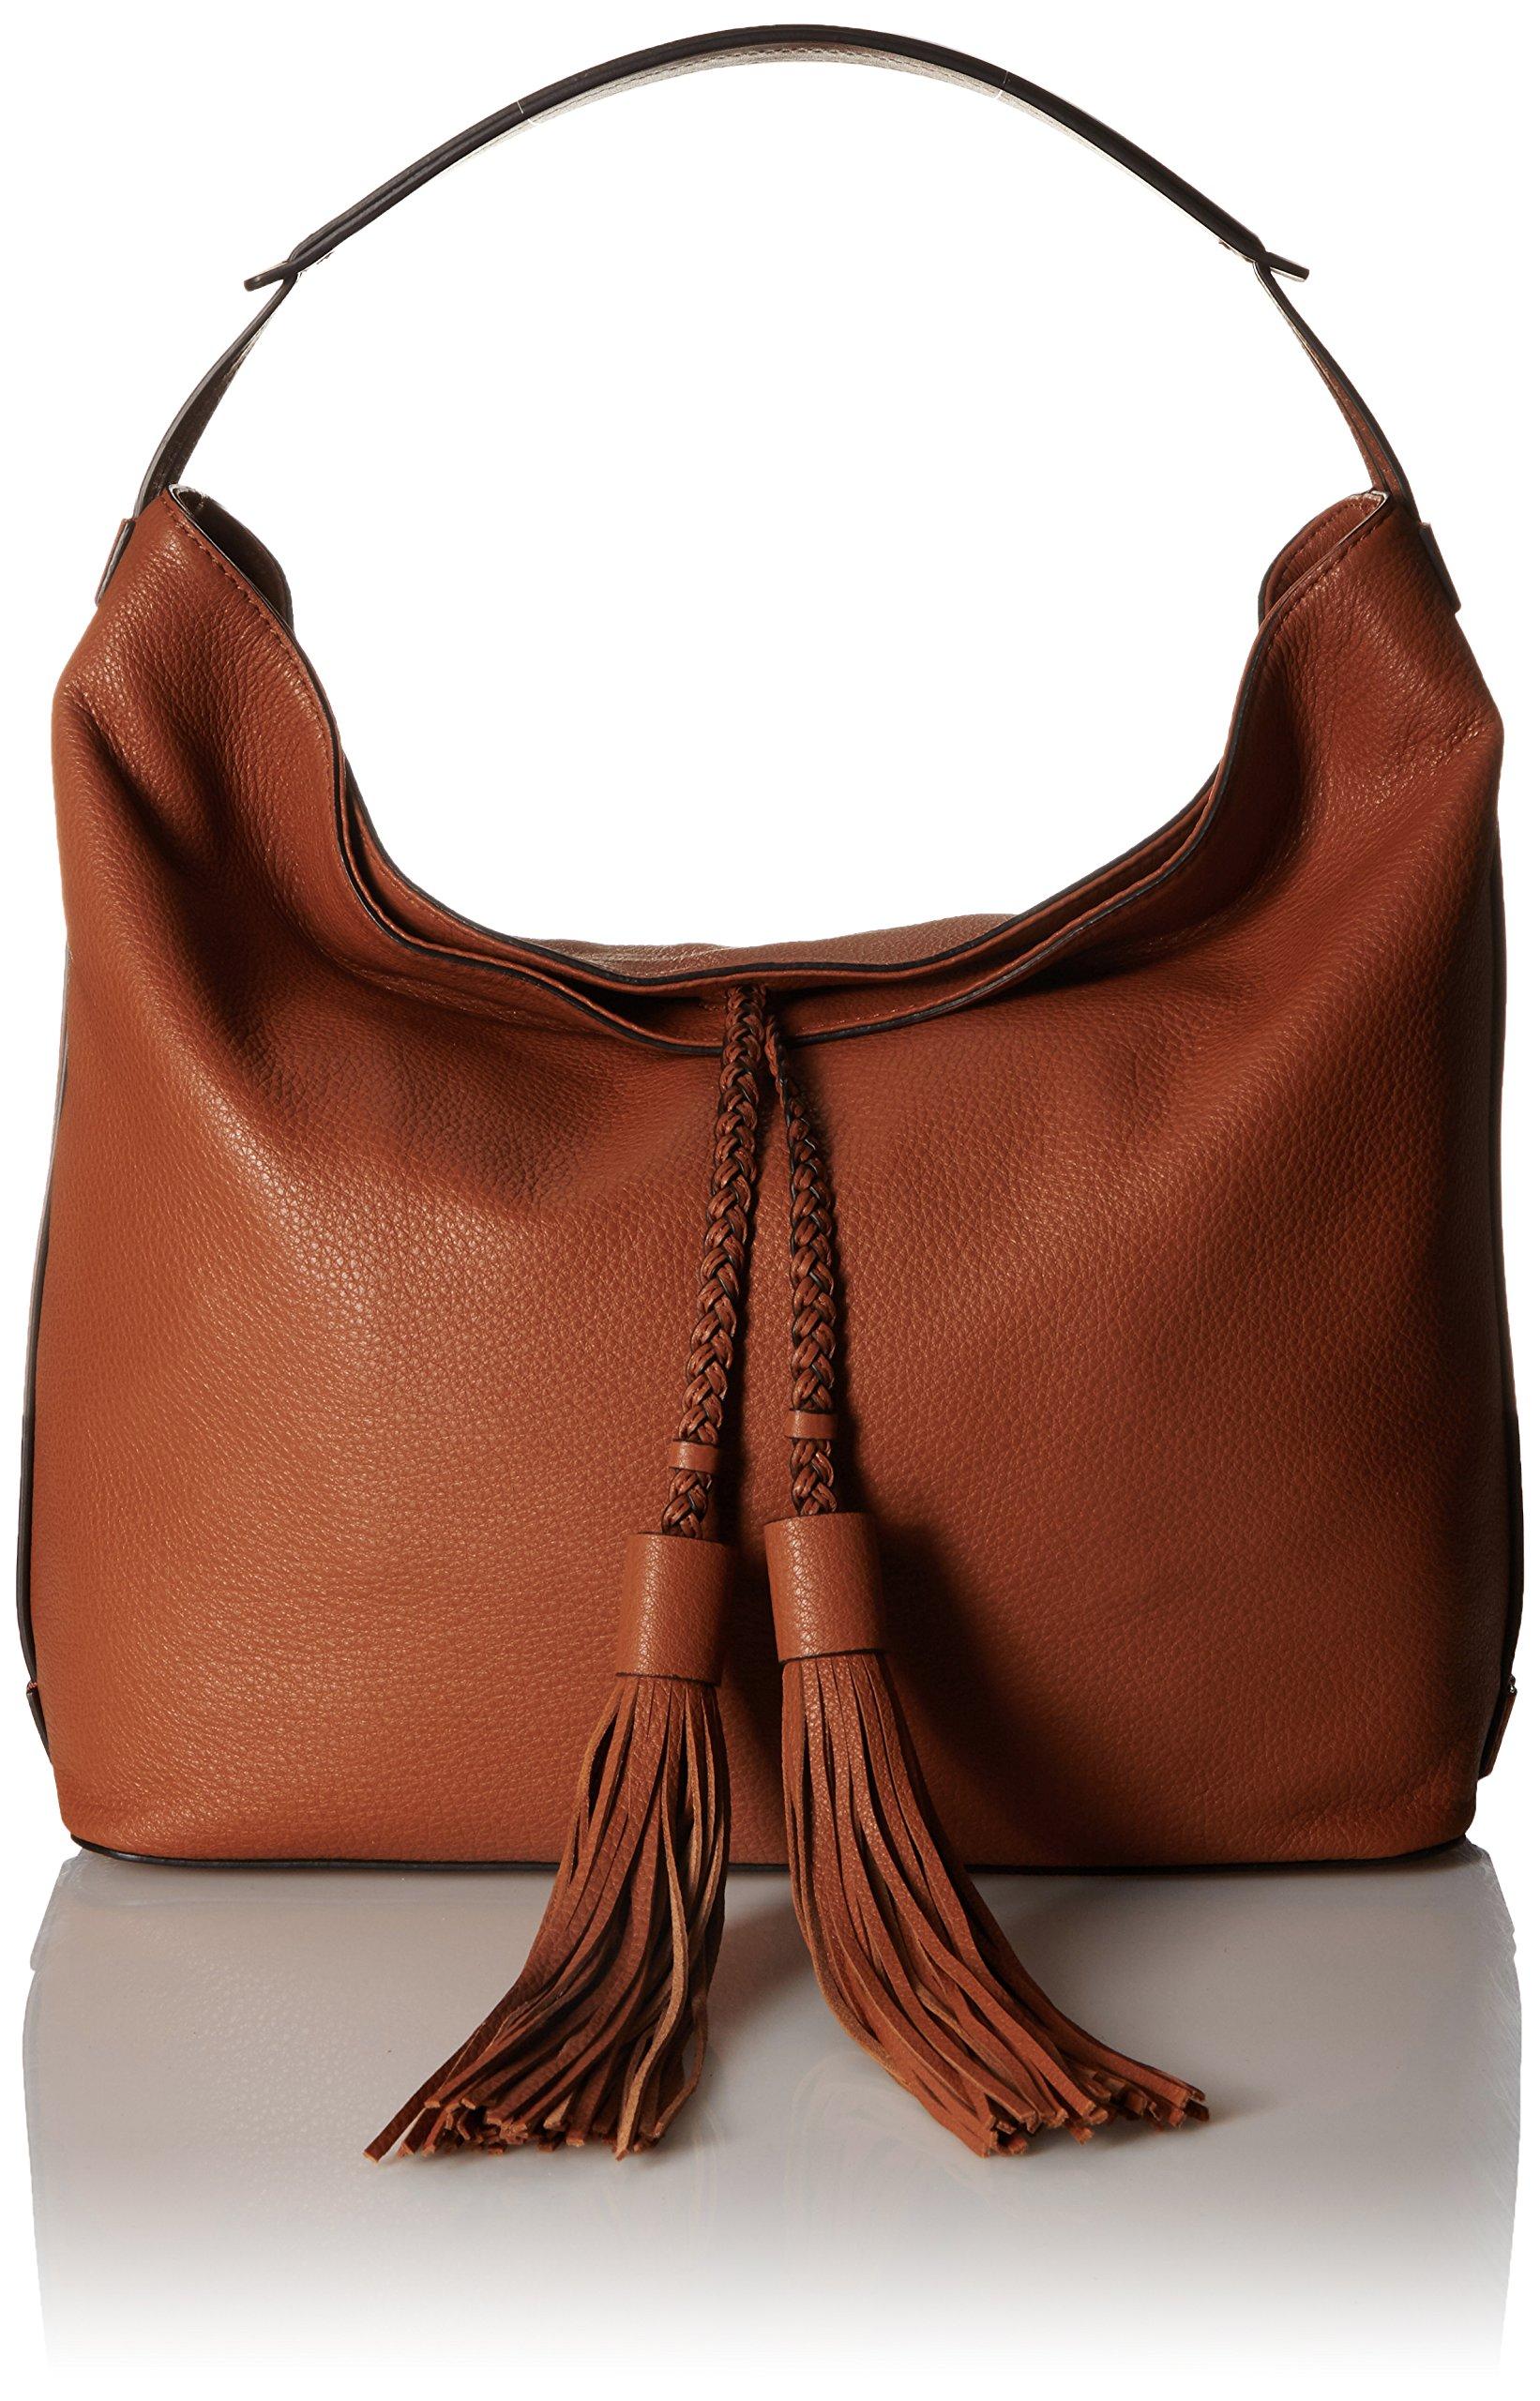 Isobel Hobo Hobo Bag, ALMOND, One Size